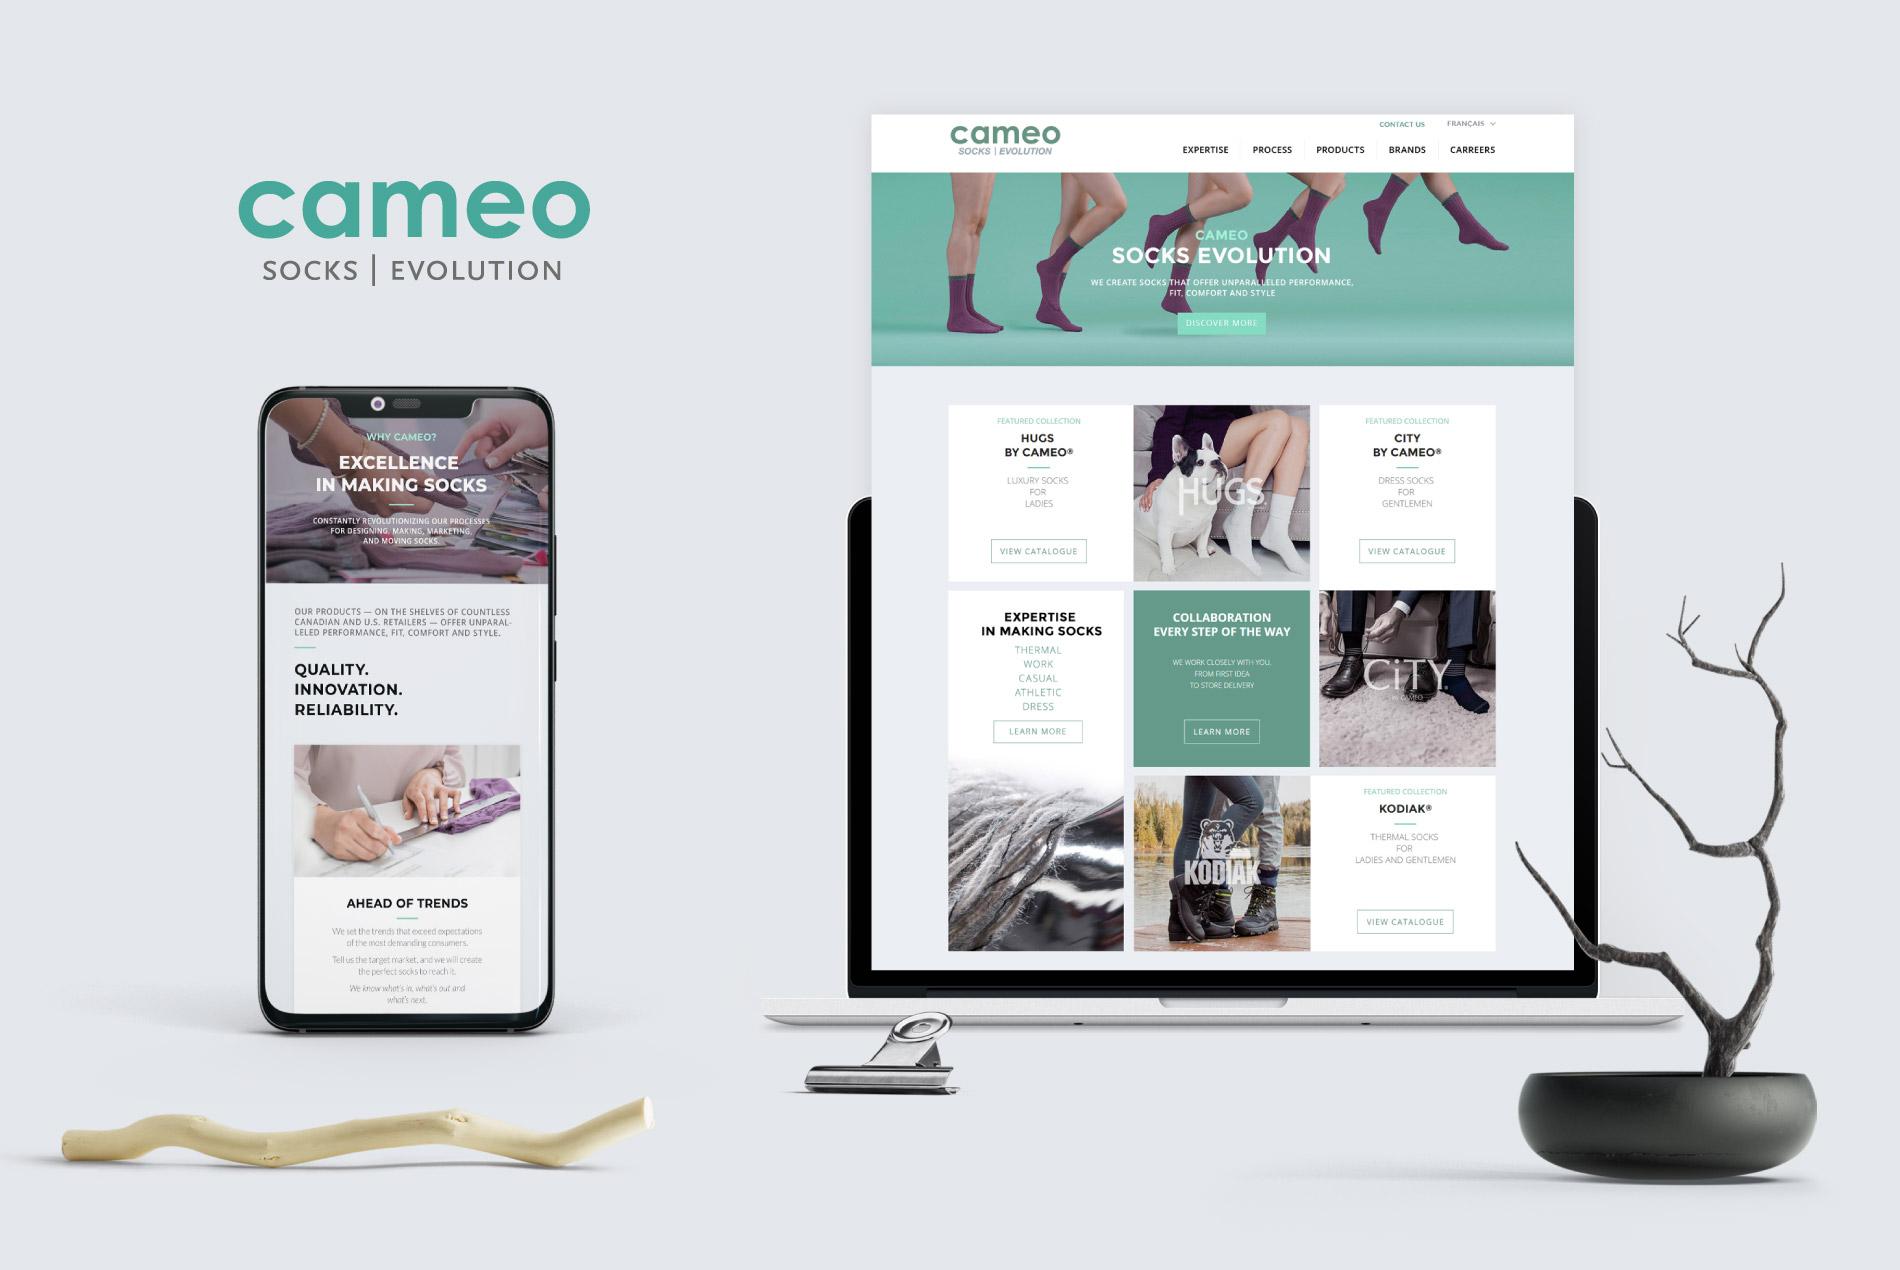 socks manufacturer website design